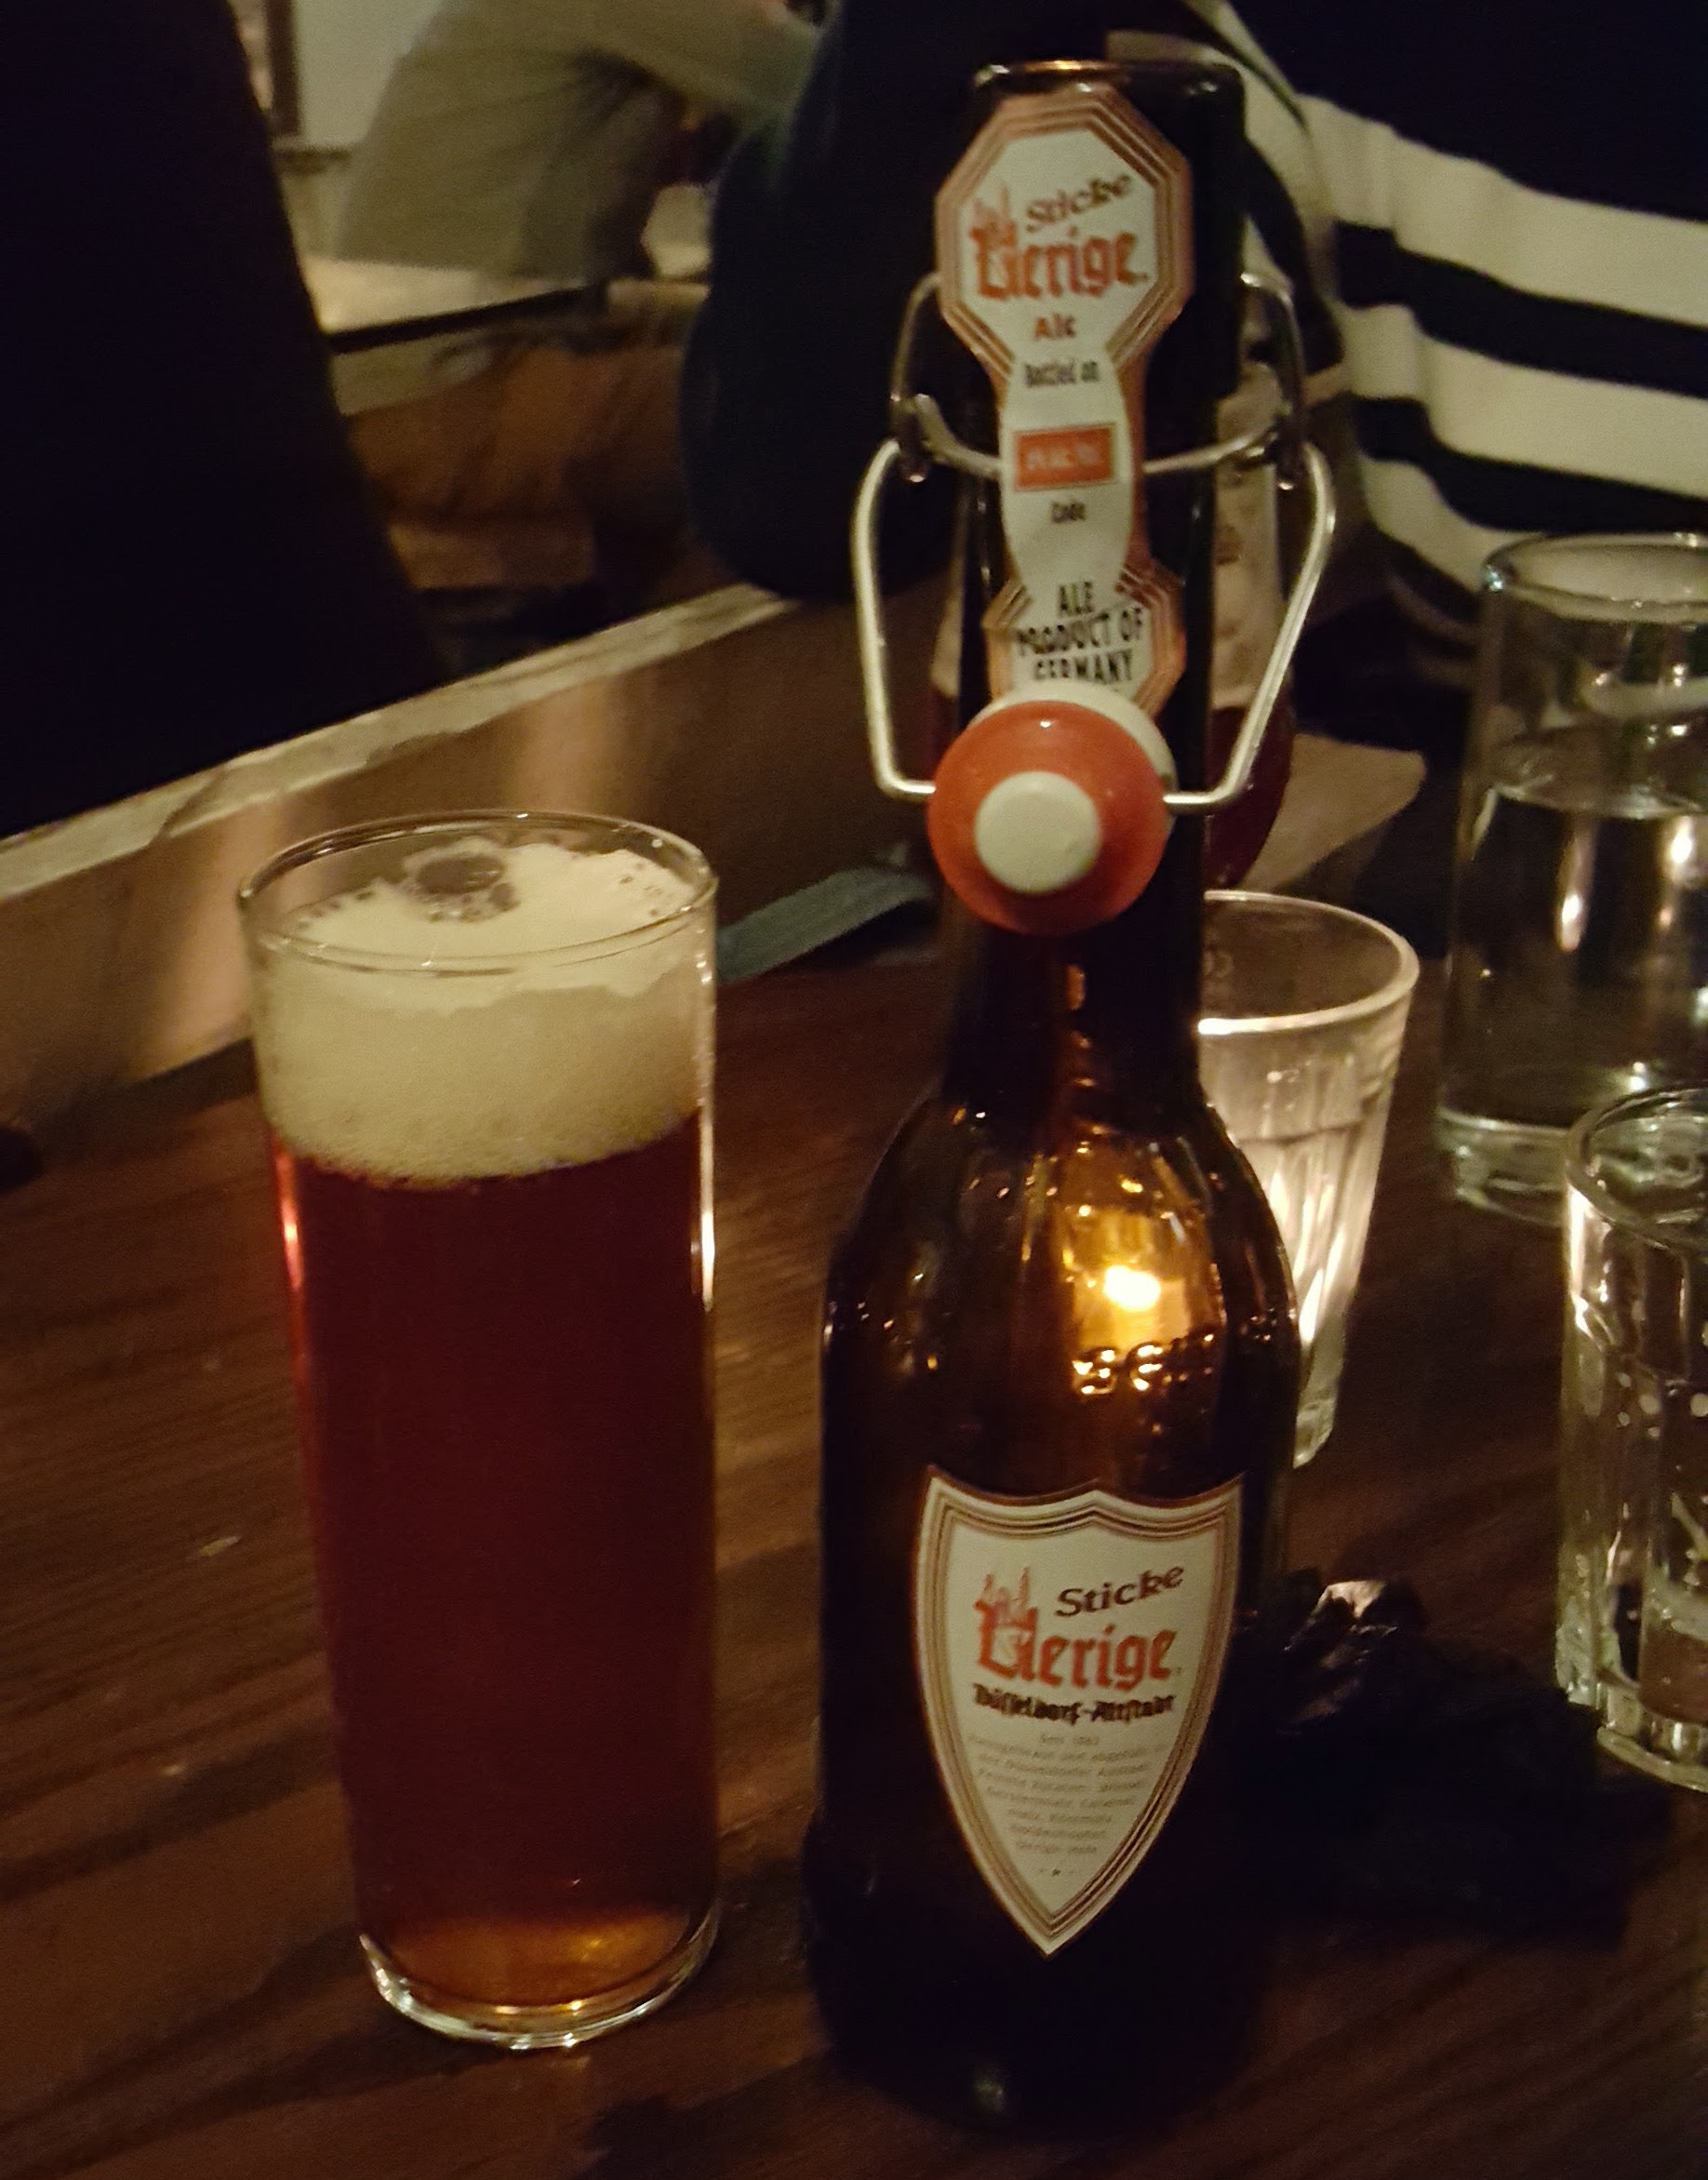 ALTBIERS - Las Altbier de Düsseldorf son cervezas que se caracterizan por su amargor. Esta versión Sticke de la famosa Altbier de Uerige (se pronuncia 'úrriga'), es más alcoholica y tiene un muy ligero toque a especias debido a que se hizo dry-hop con lúpulo Spalt.